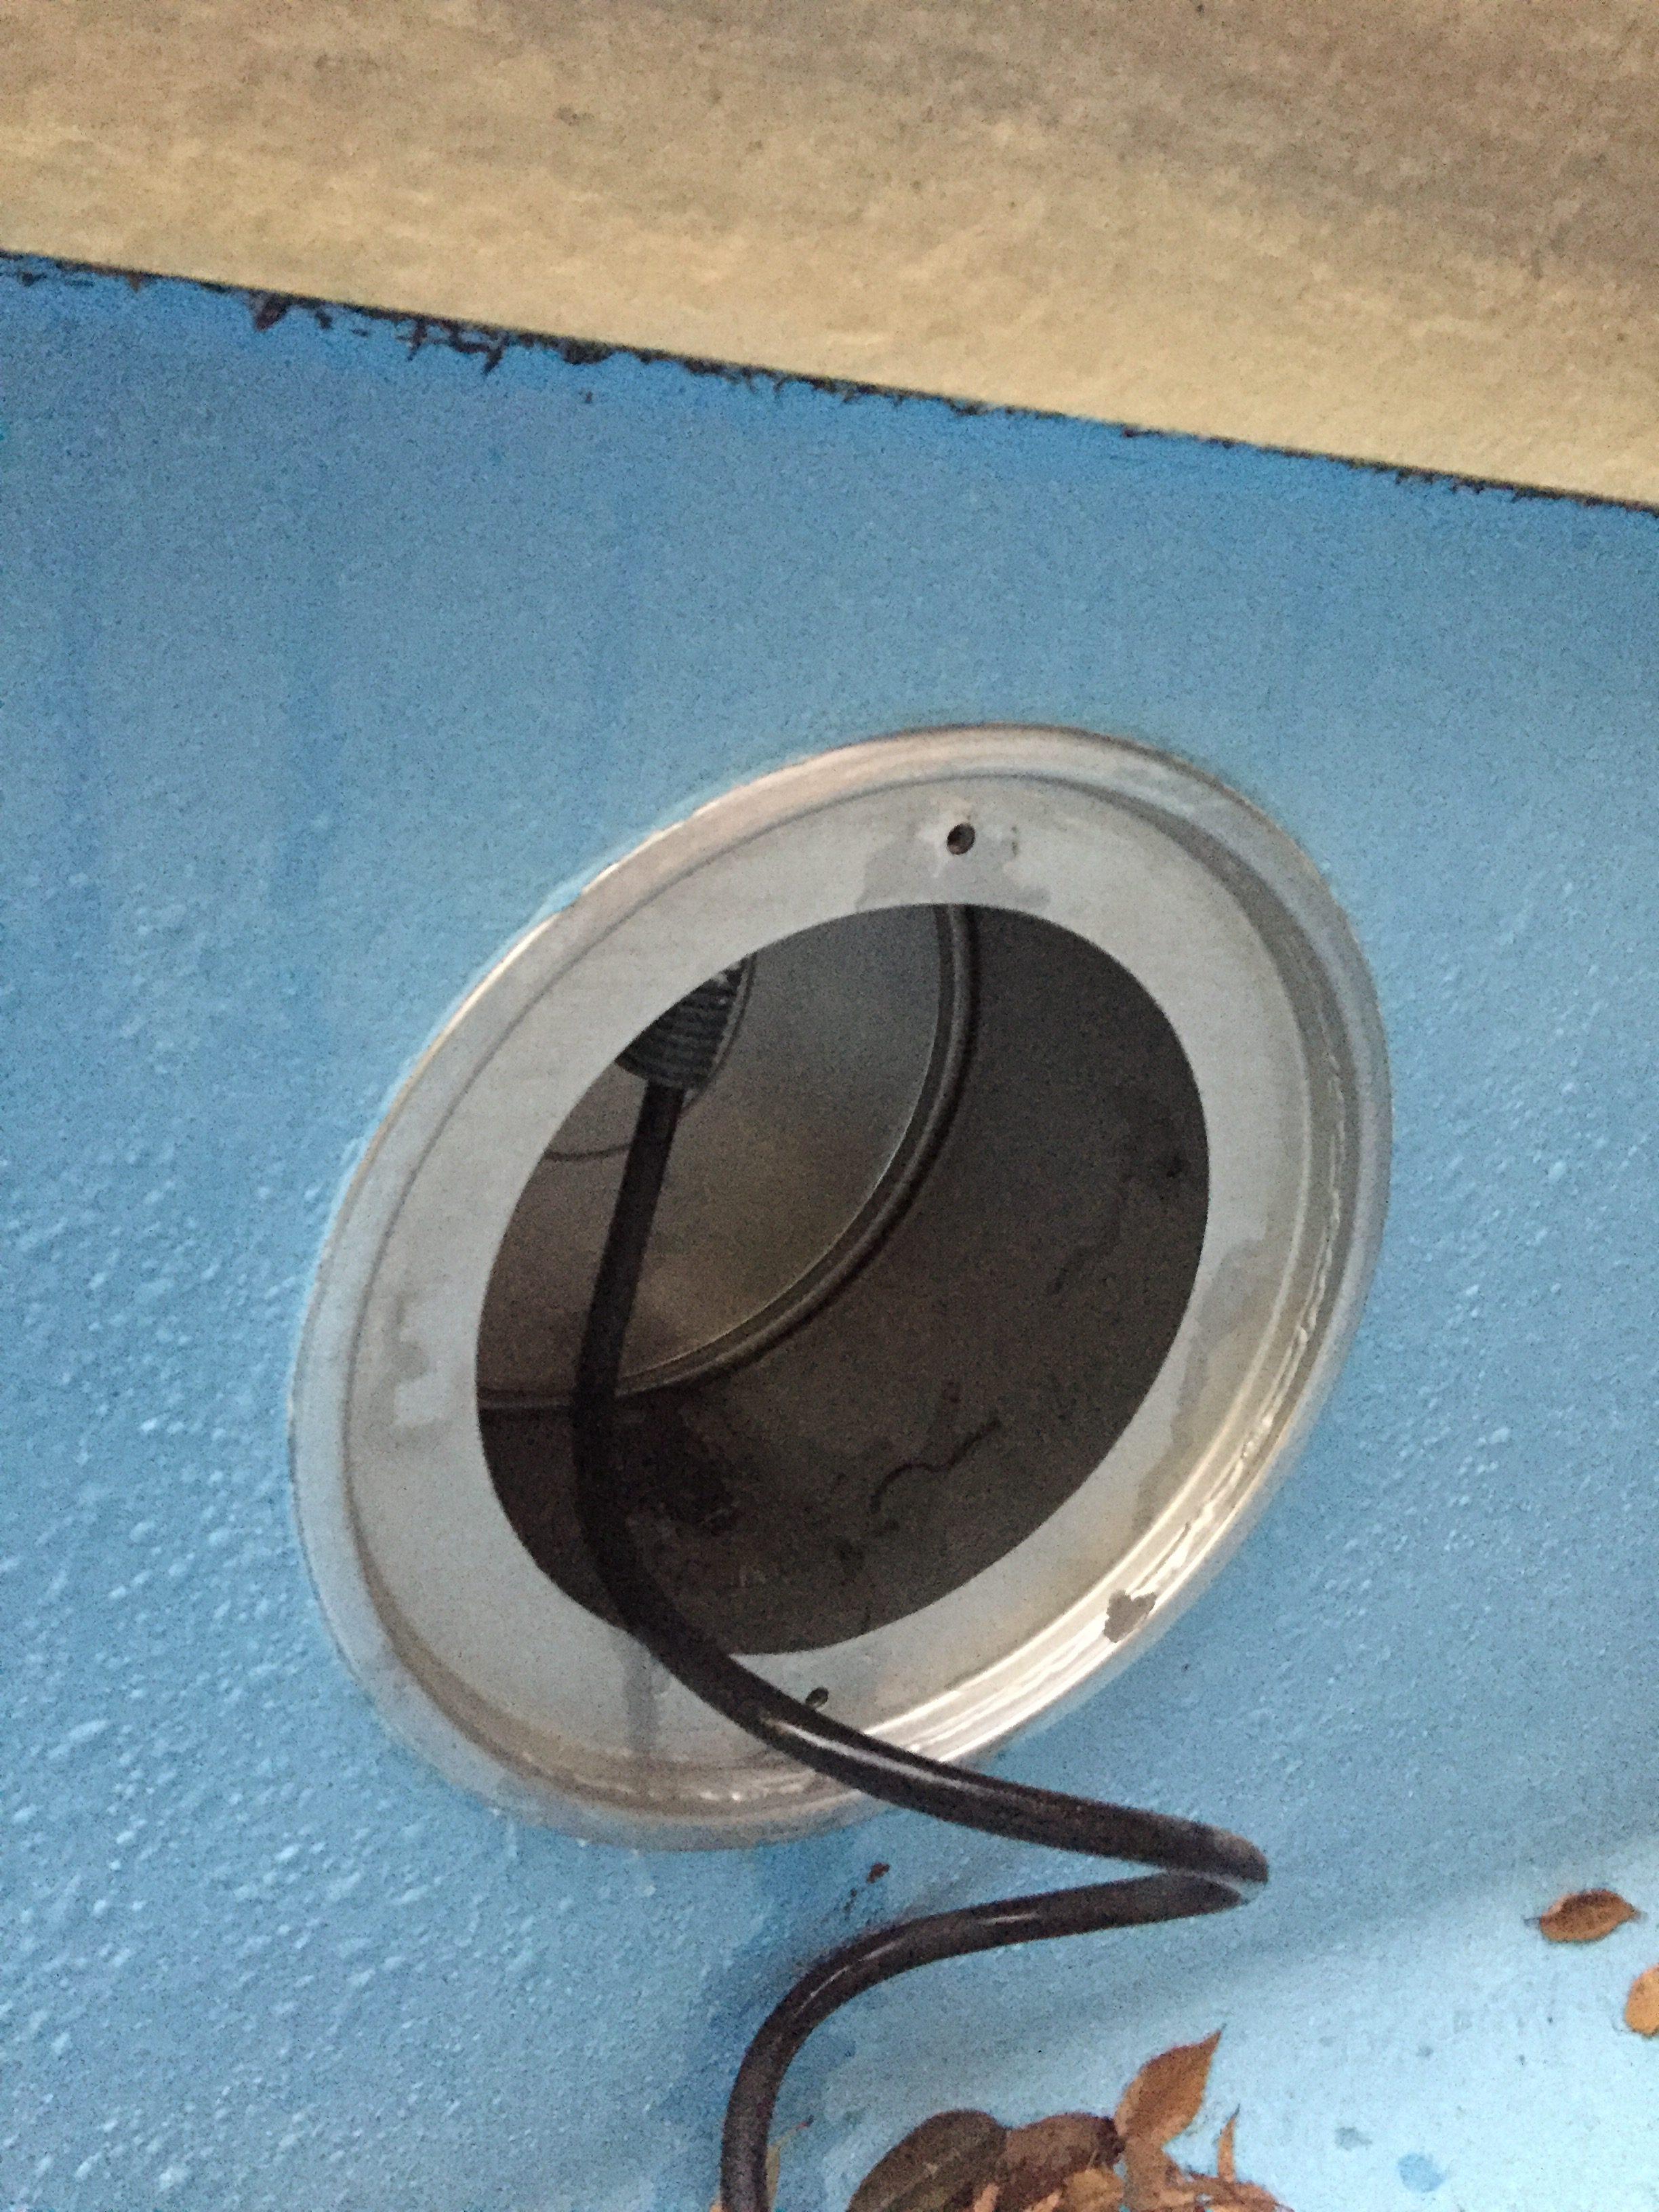 パナソニック製埋込ボックス パナソニック製水中照明(YAX72990)